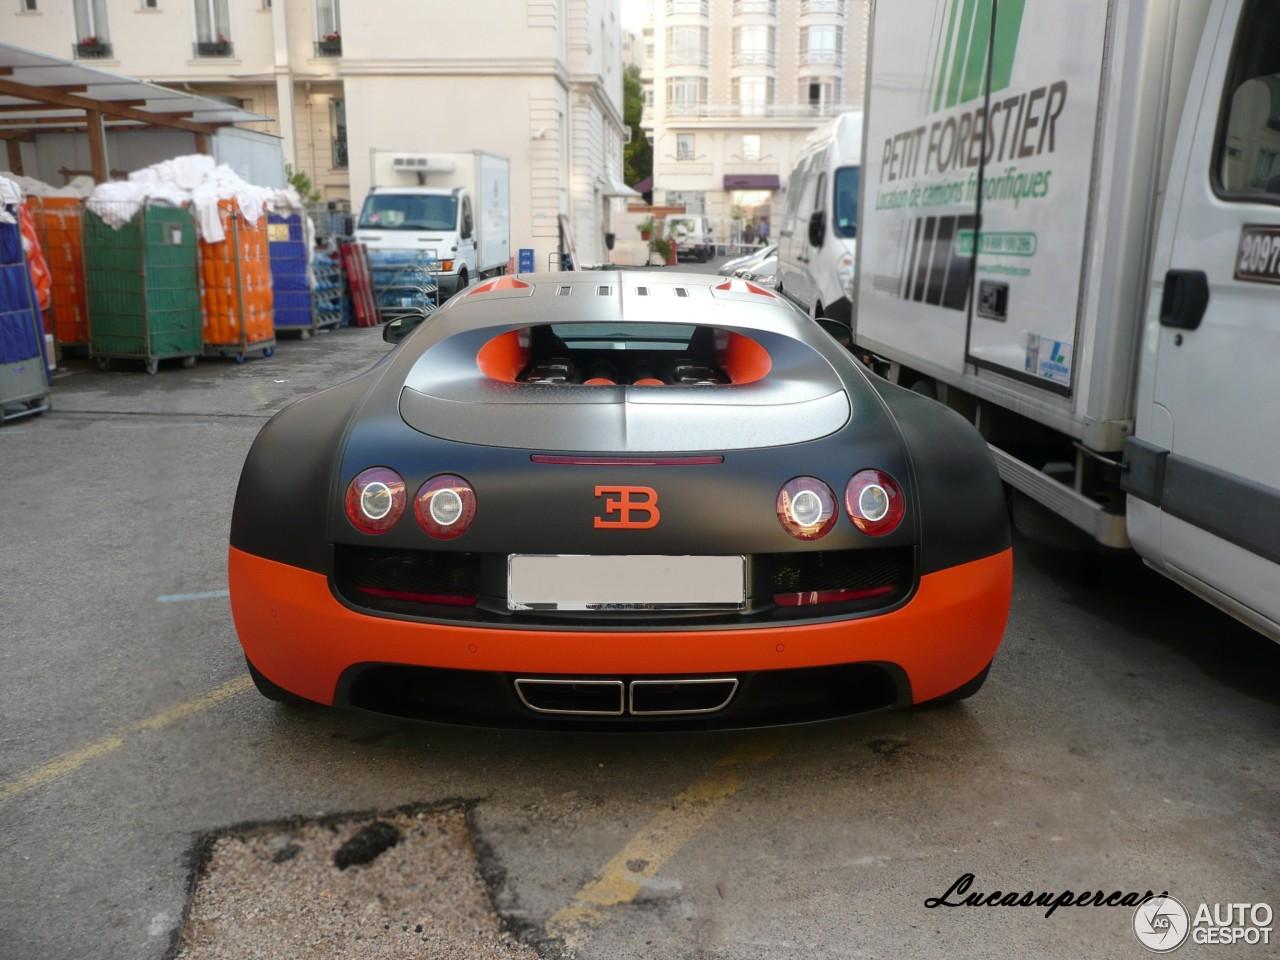 Bugatti Veyron 16 4 Super Sport 1 December 2012 Autogespot